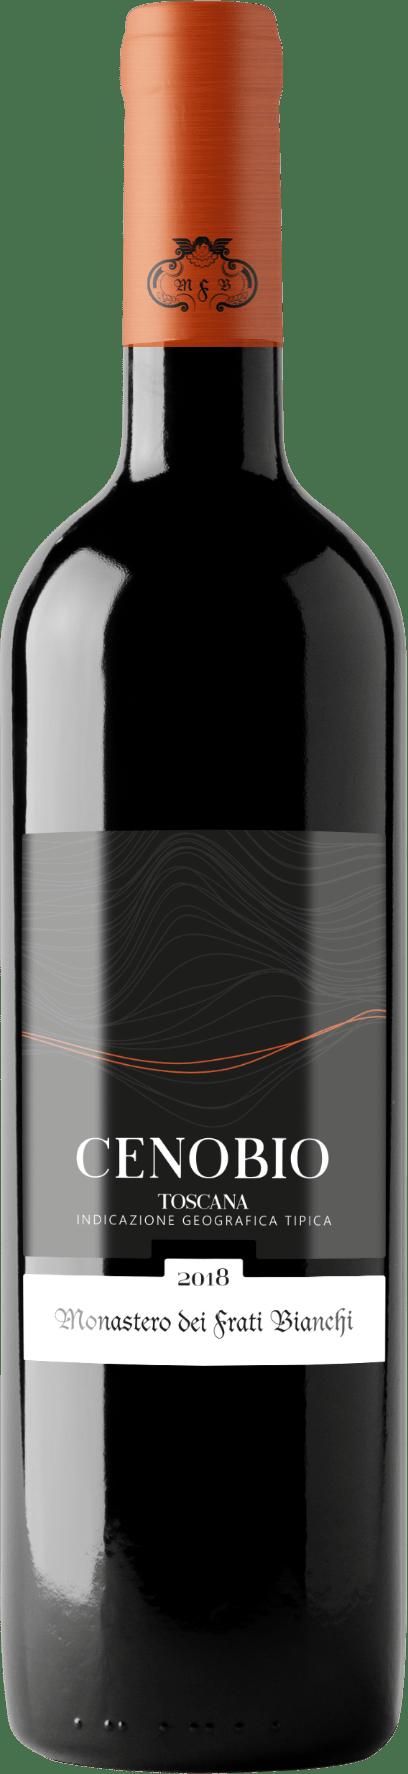 bottiglia-vino-cenobio-monastero-frati-bianchi-min